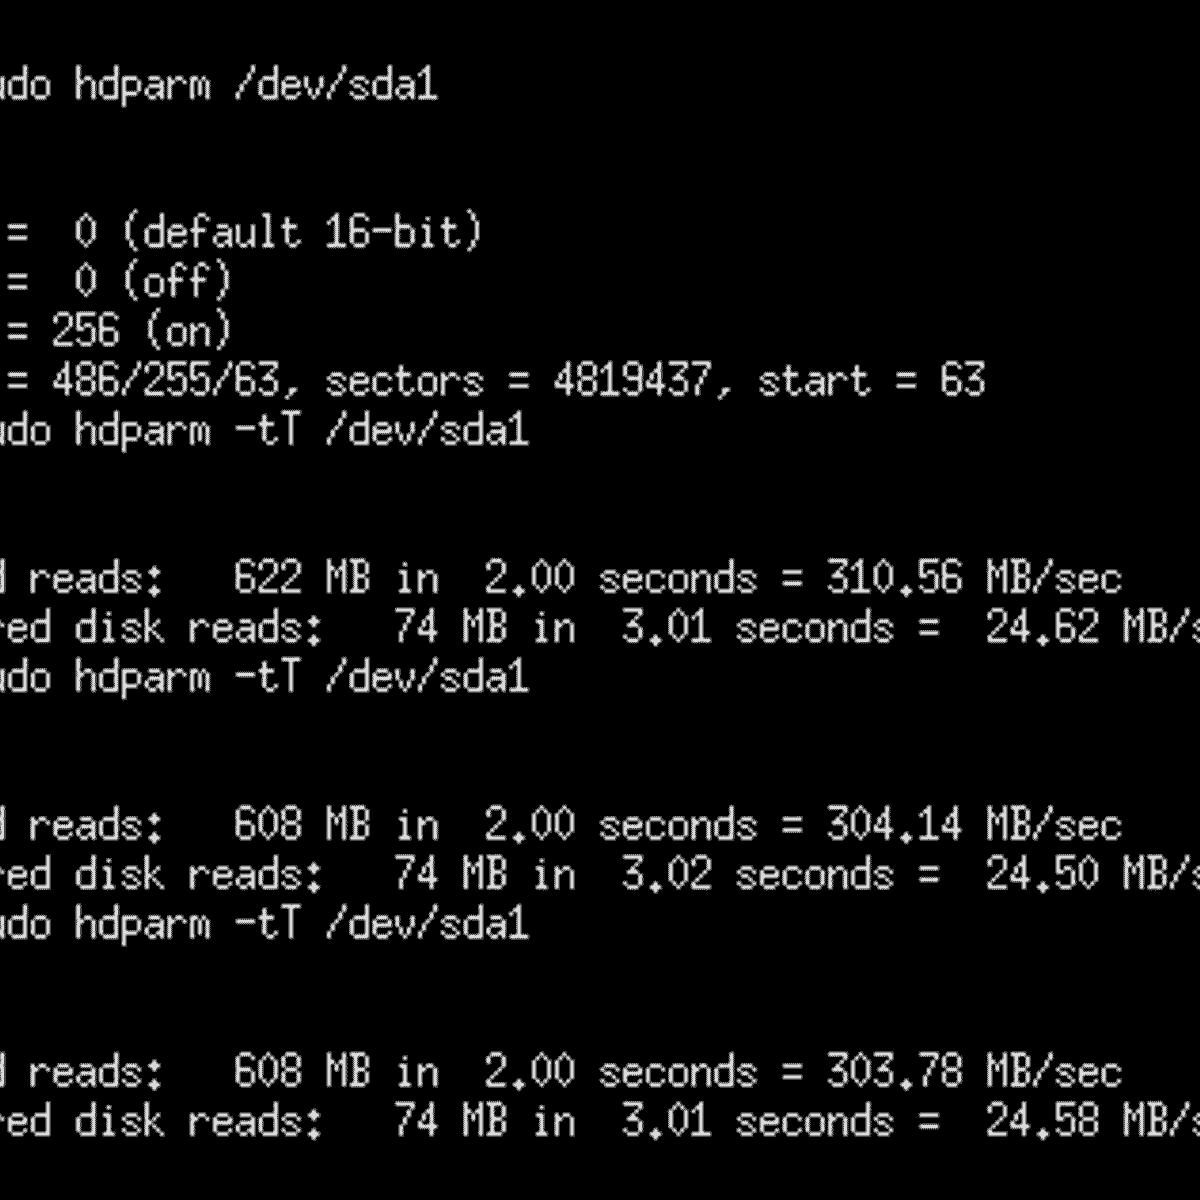 hdparm Alternatives and Similar Software - AlternativeTo net